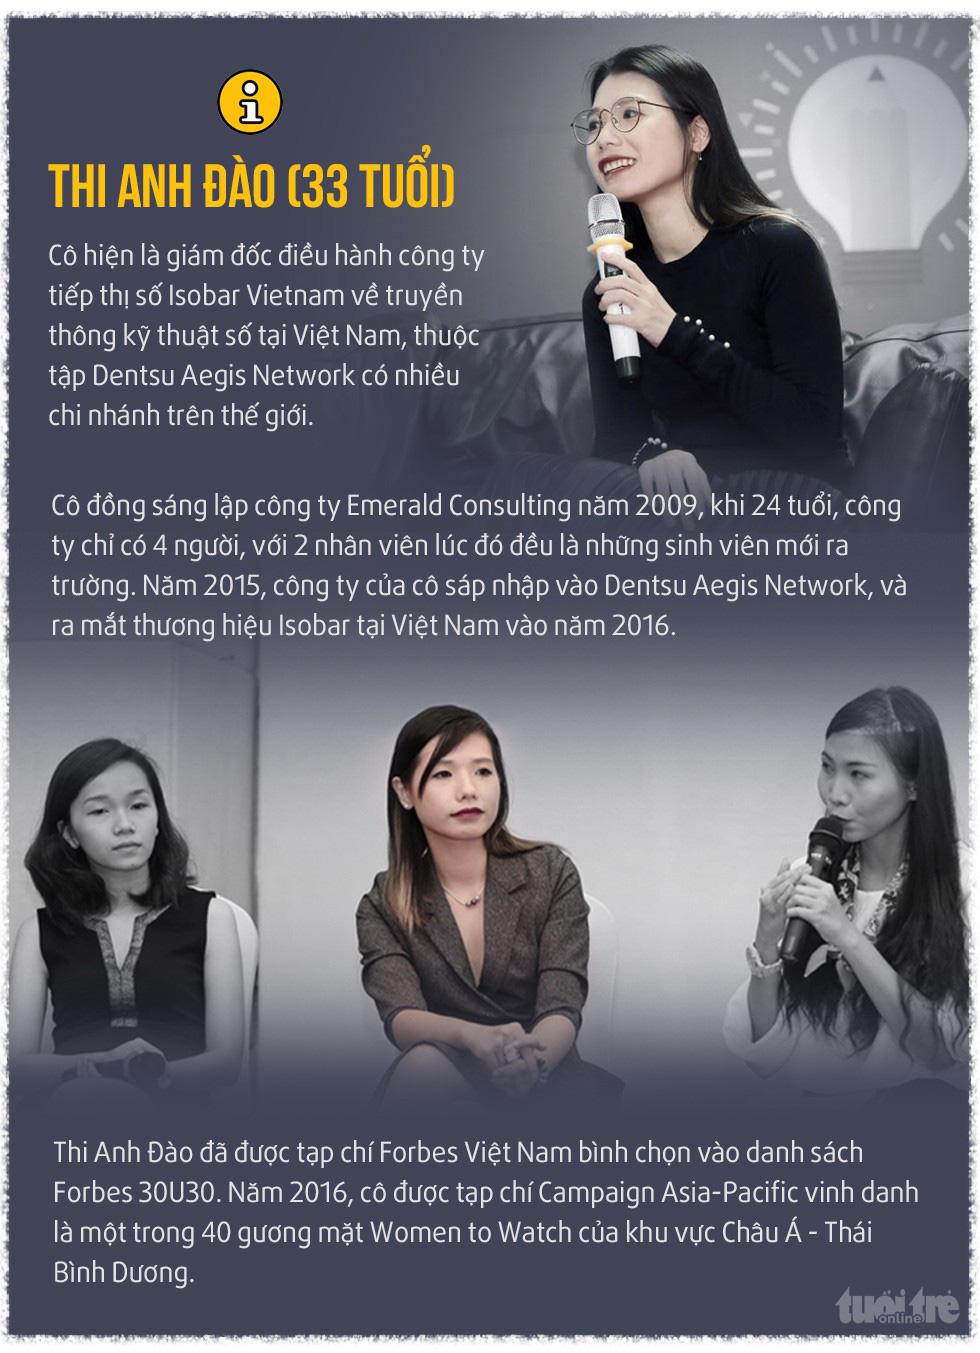 Thi Anh Đào: Không phải cứ mở công ty là thành startup - Ảnh 6.